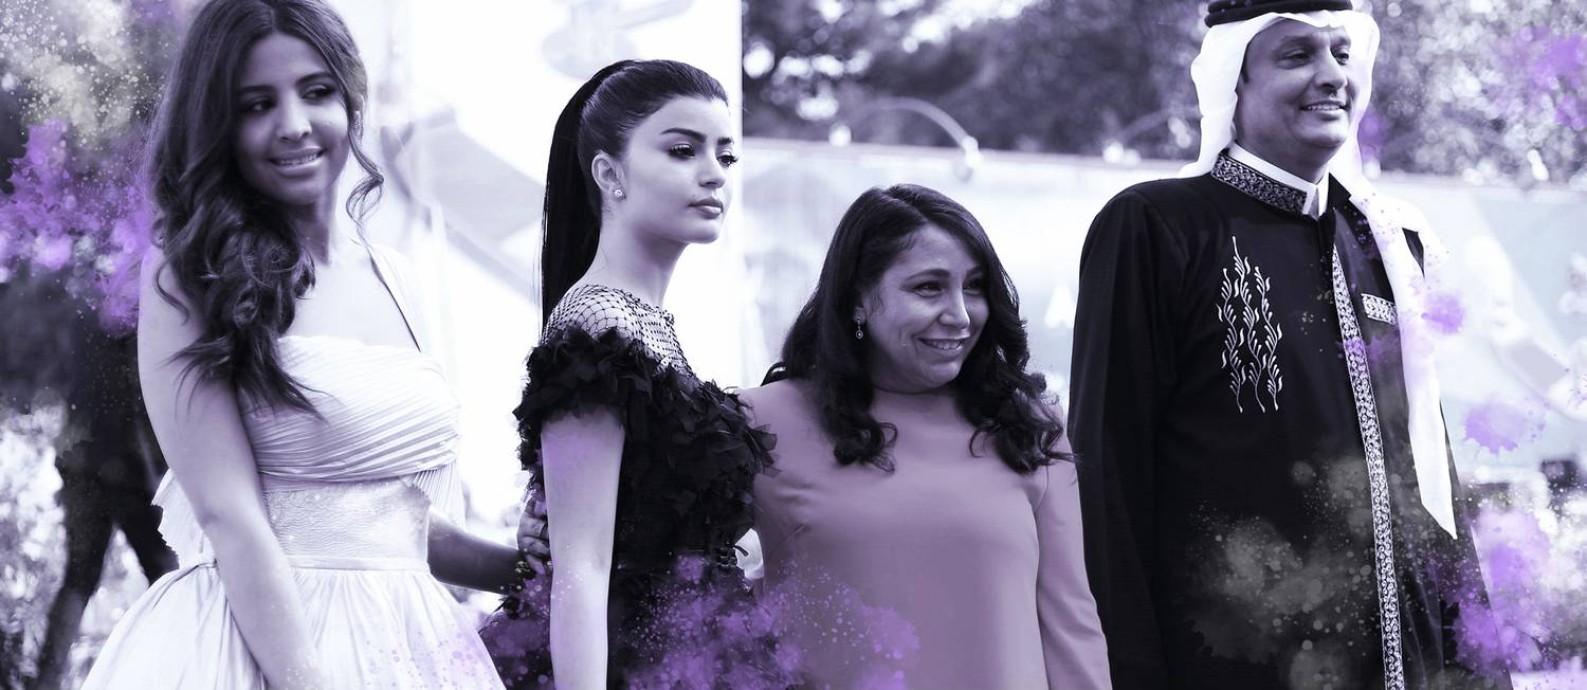 """As atrizes sauditas Dhay (à esquerda) e Mila Al Zahrani, a diretora Haifaa al-Mansour o ator Khalid Abdulrhim chegam para a sessão de """"The perfect candidate"""" no Festival de Veneza Foto: Arte sobre foto de Vicenzo Pinto/AFP"""